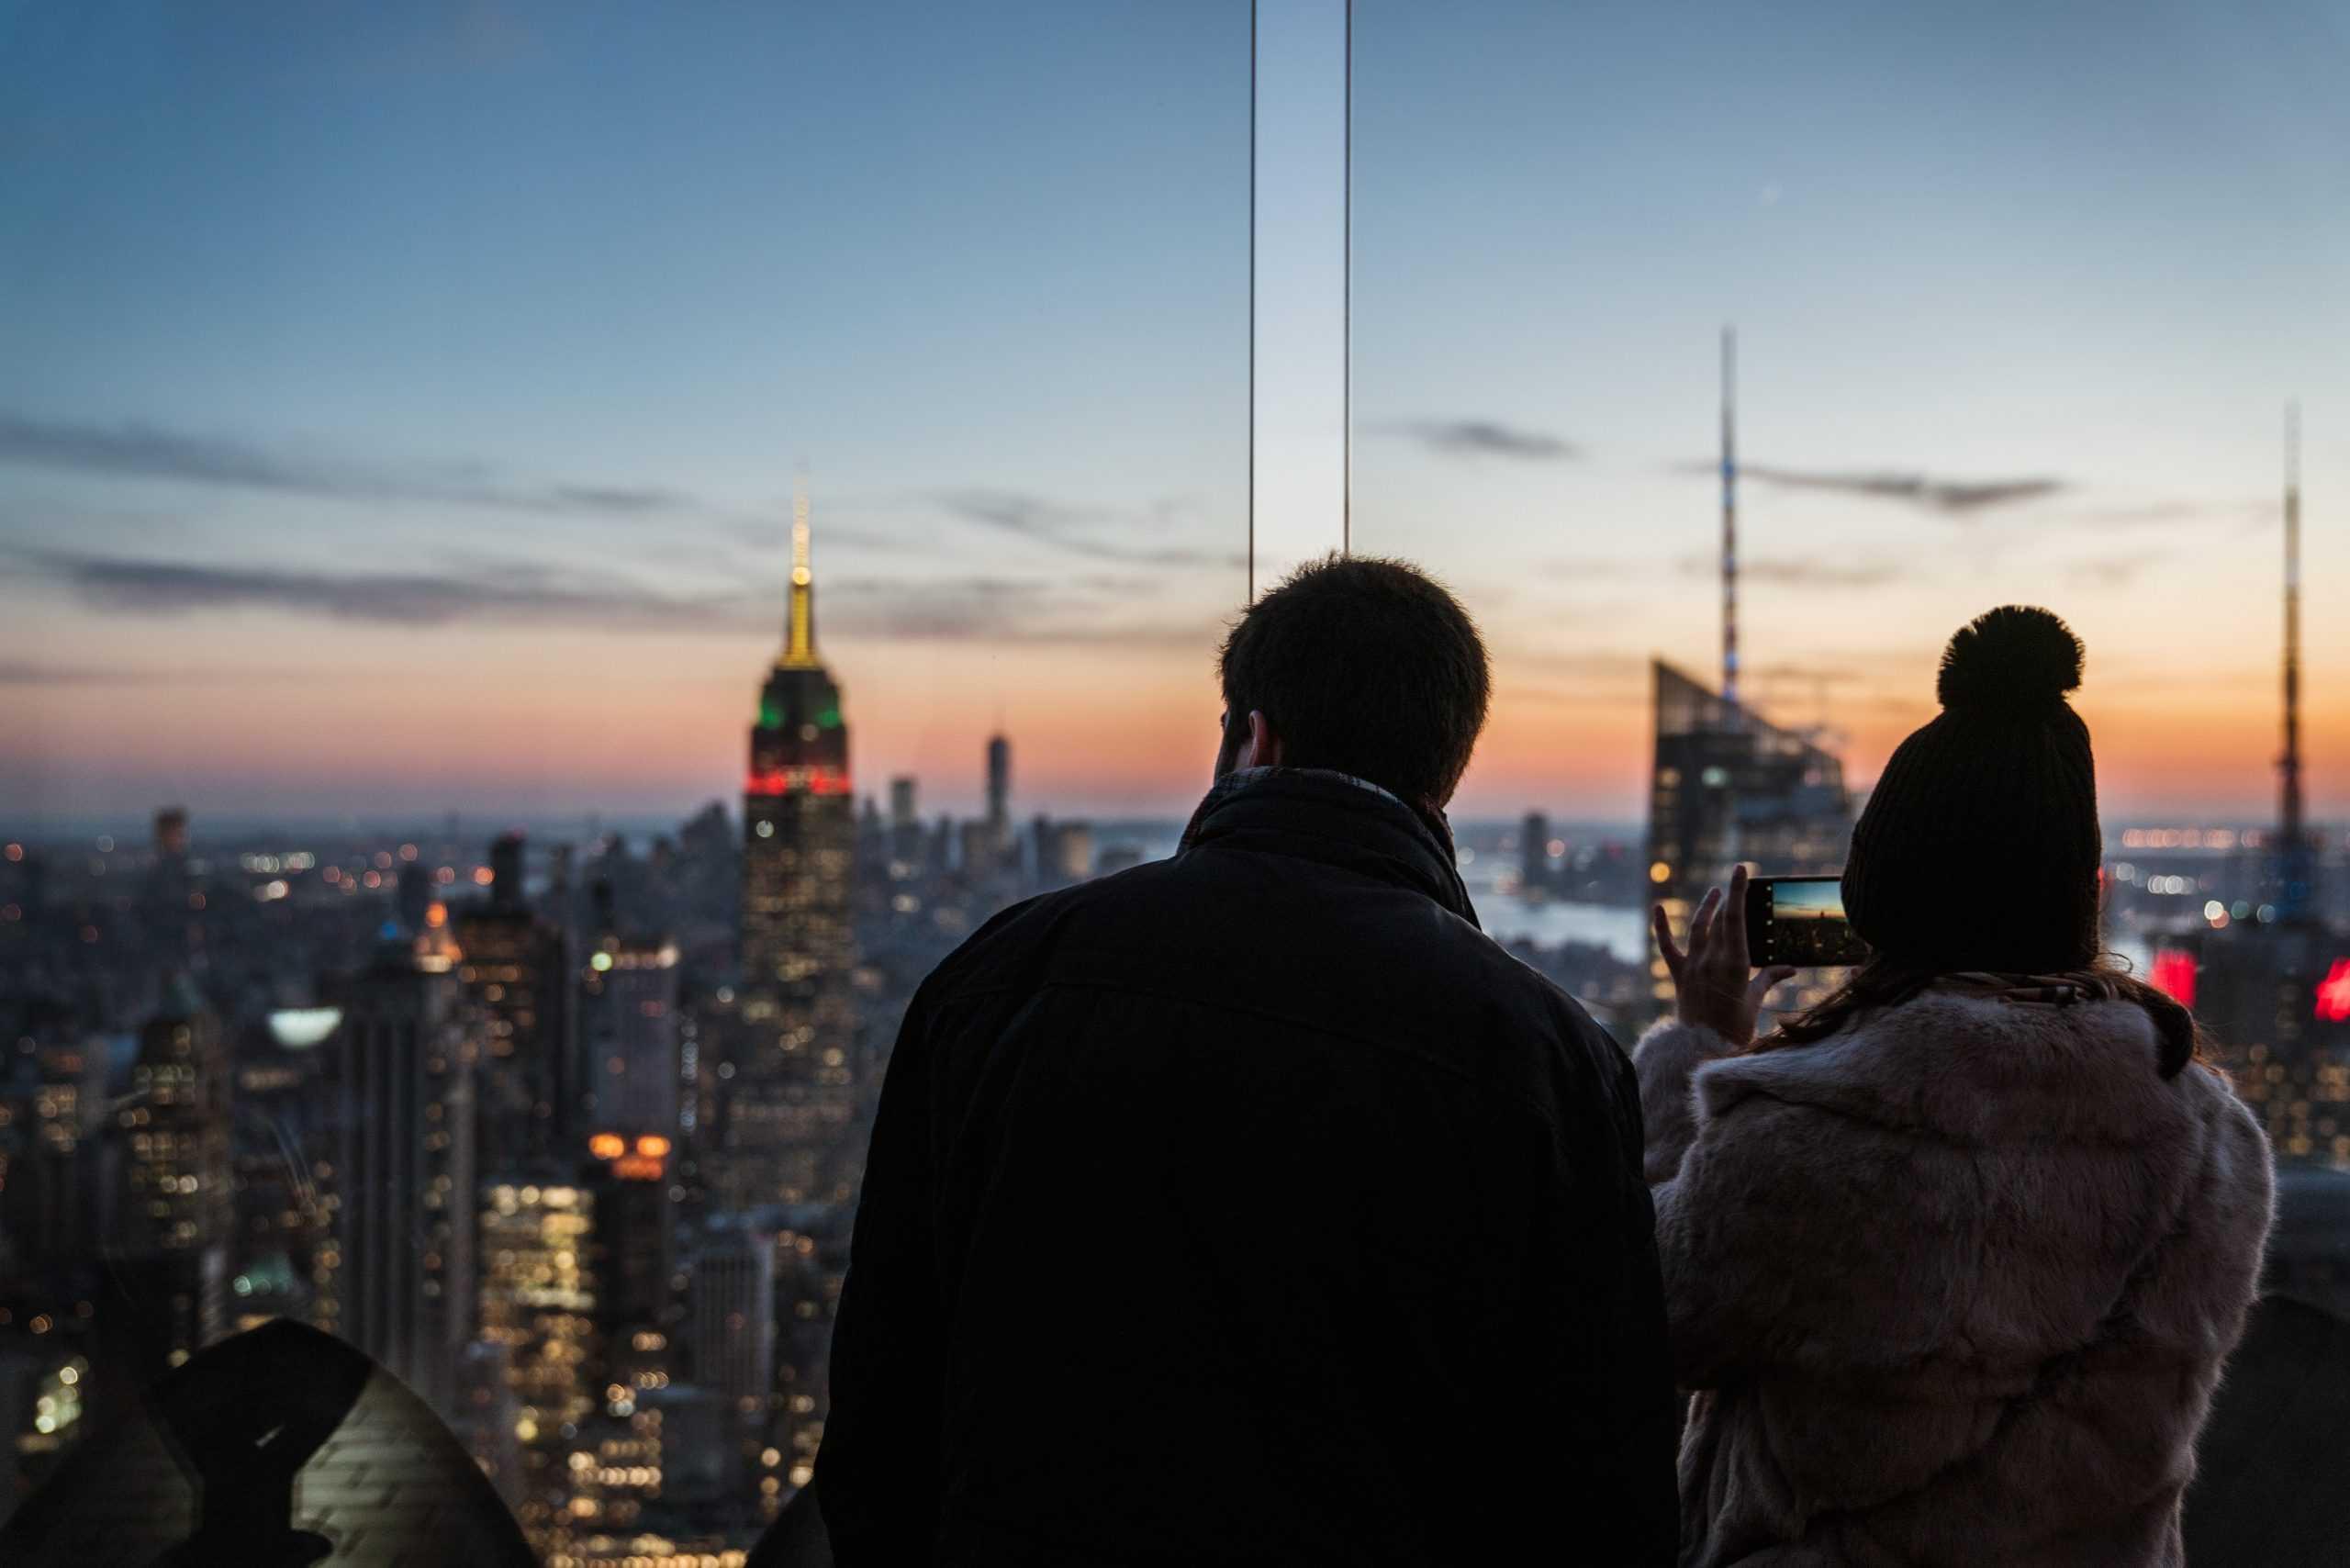 People looking at buildings